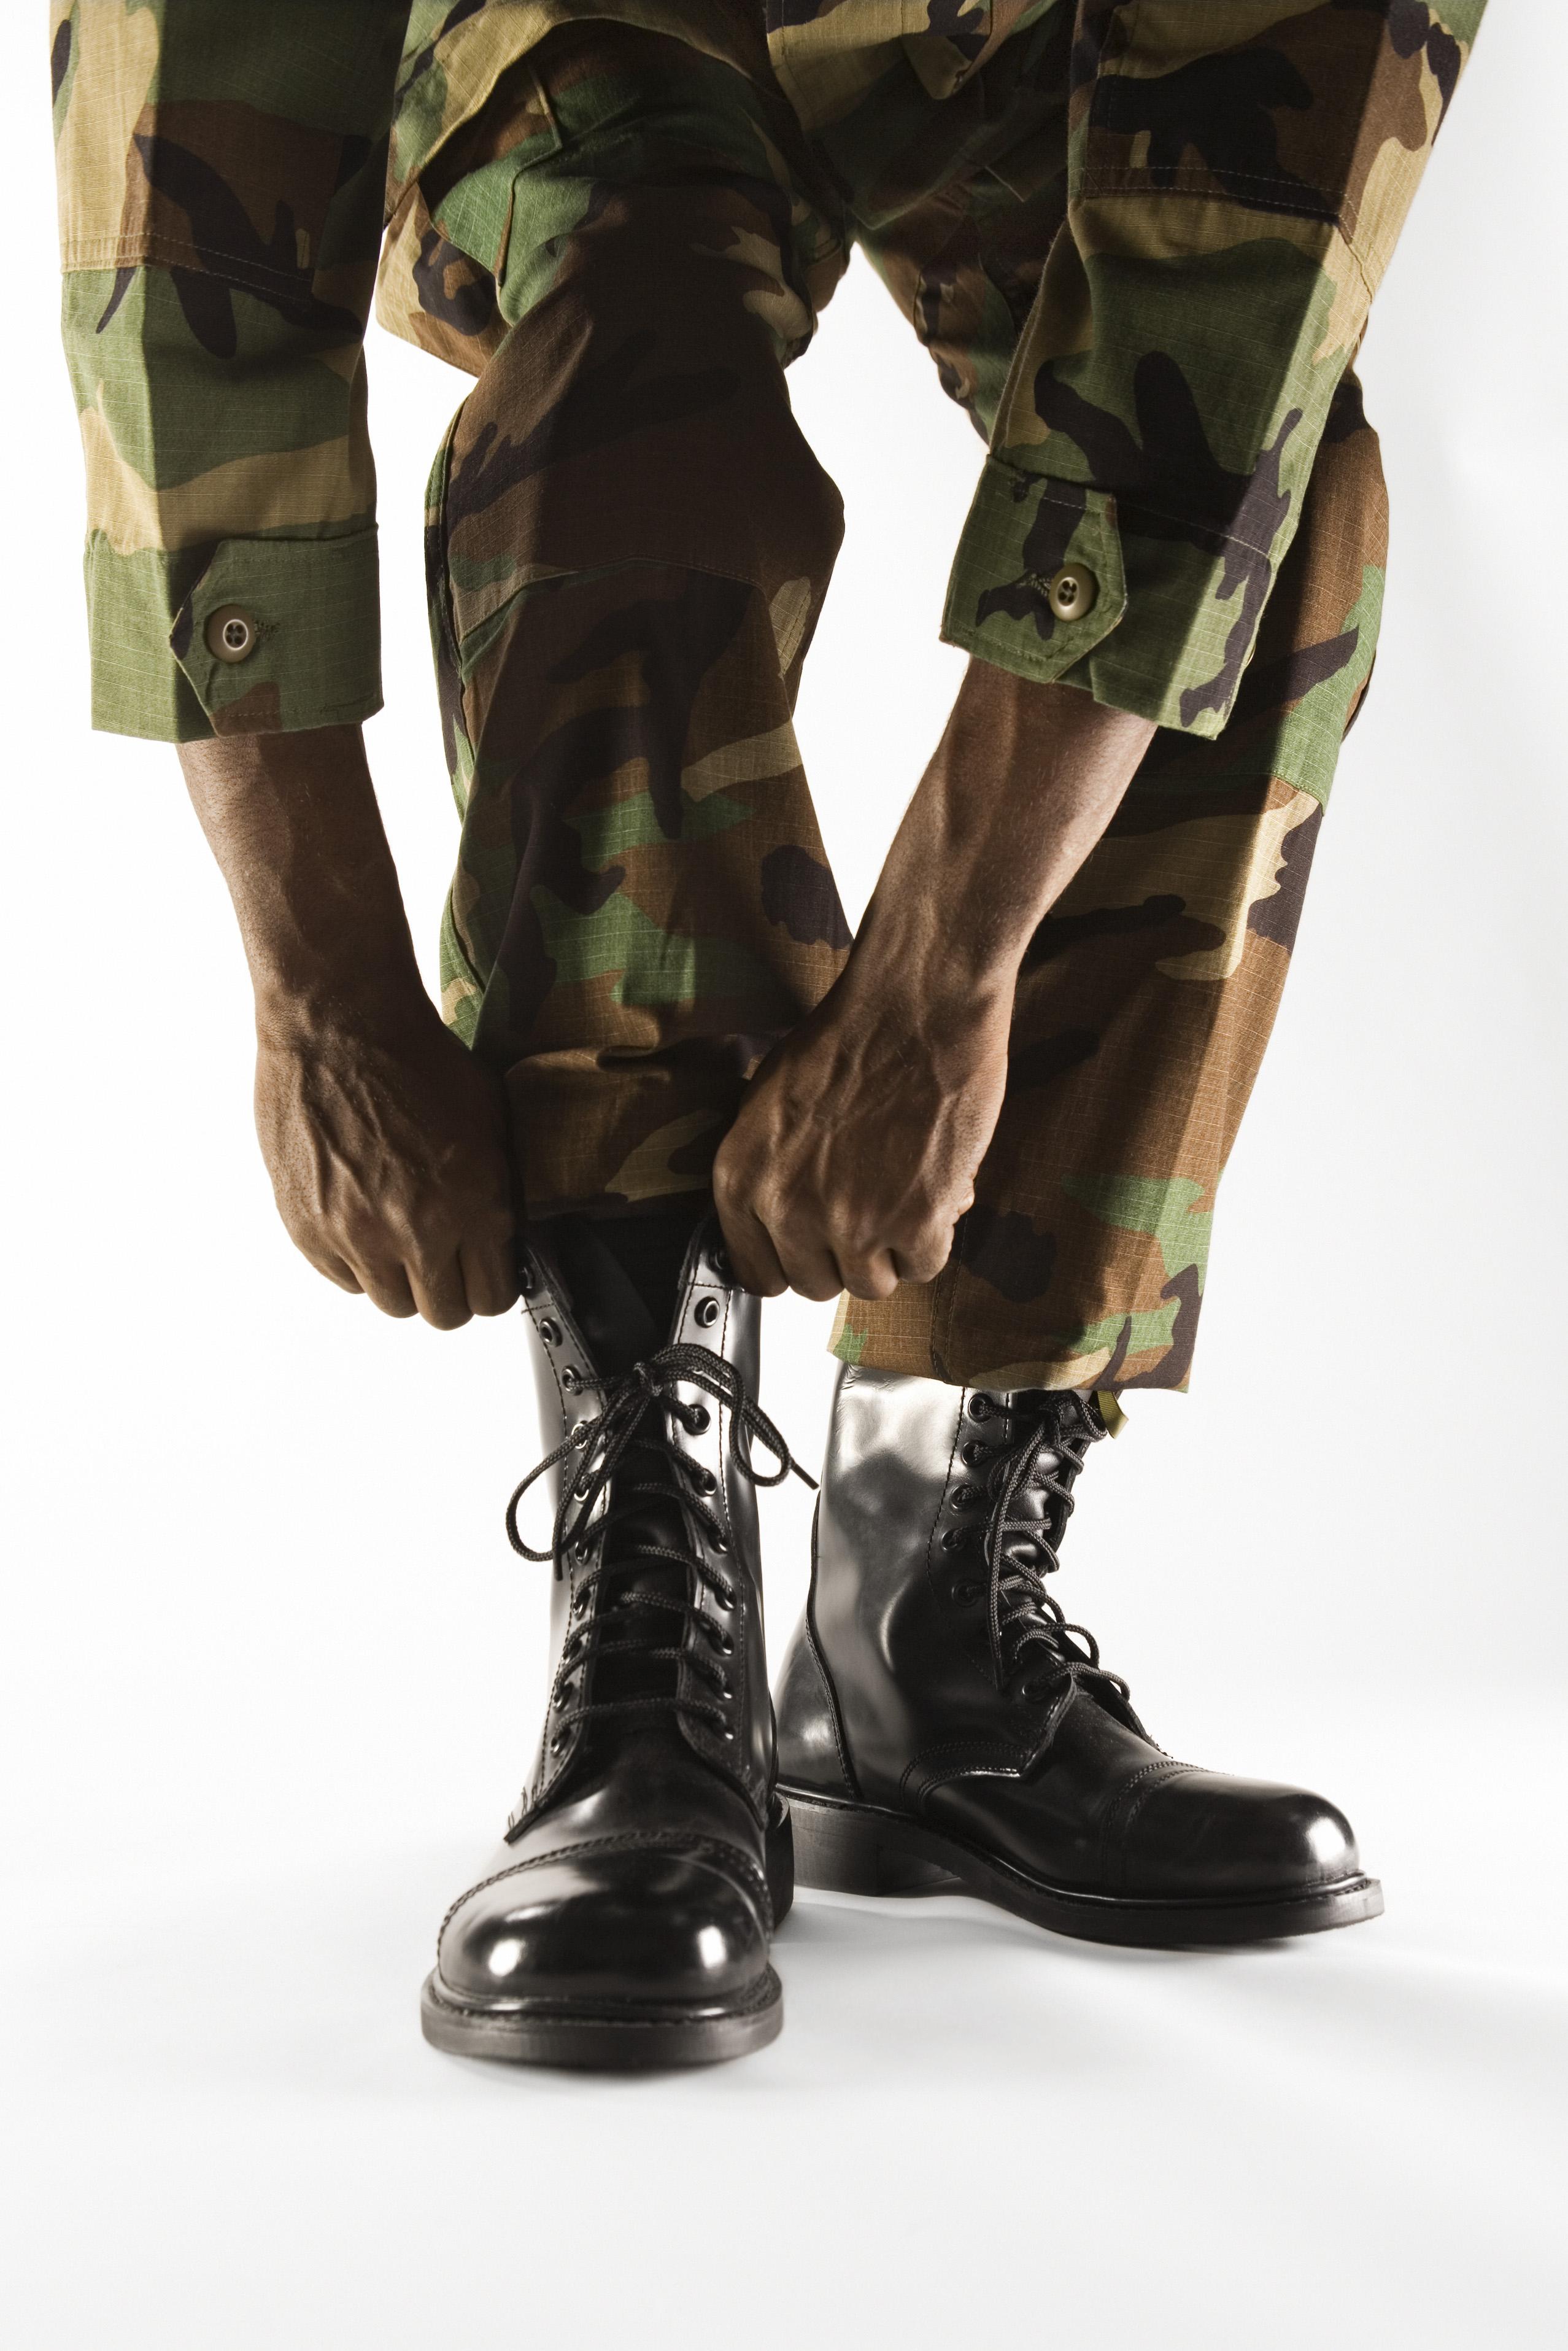 baratas precio atractivo mejores zapatos Cómo abuchonar pantalones militares